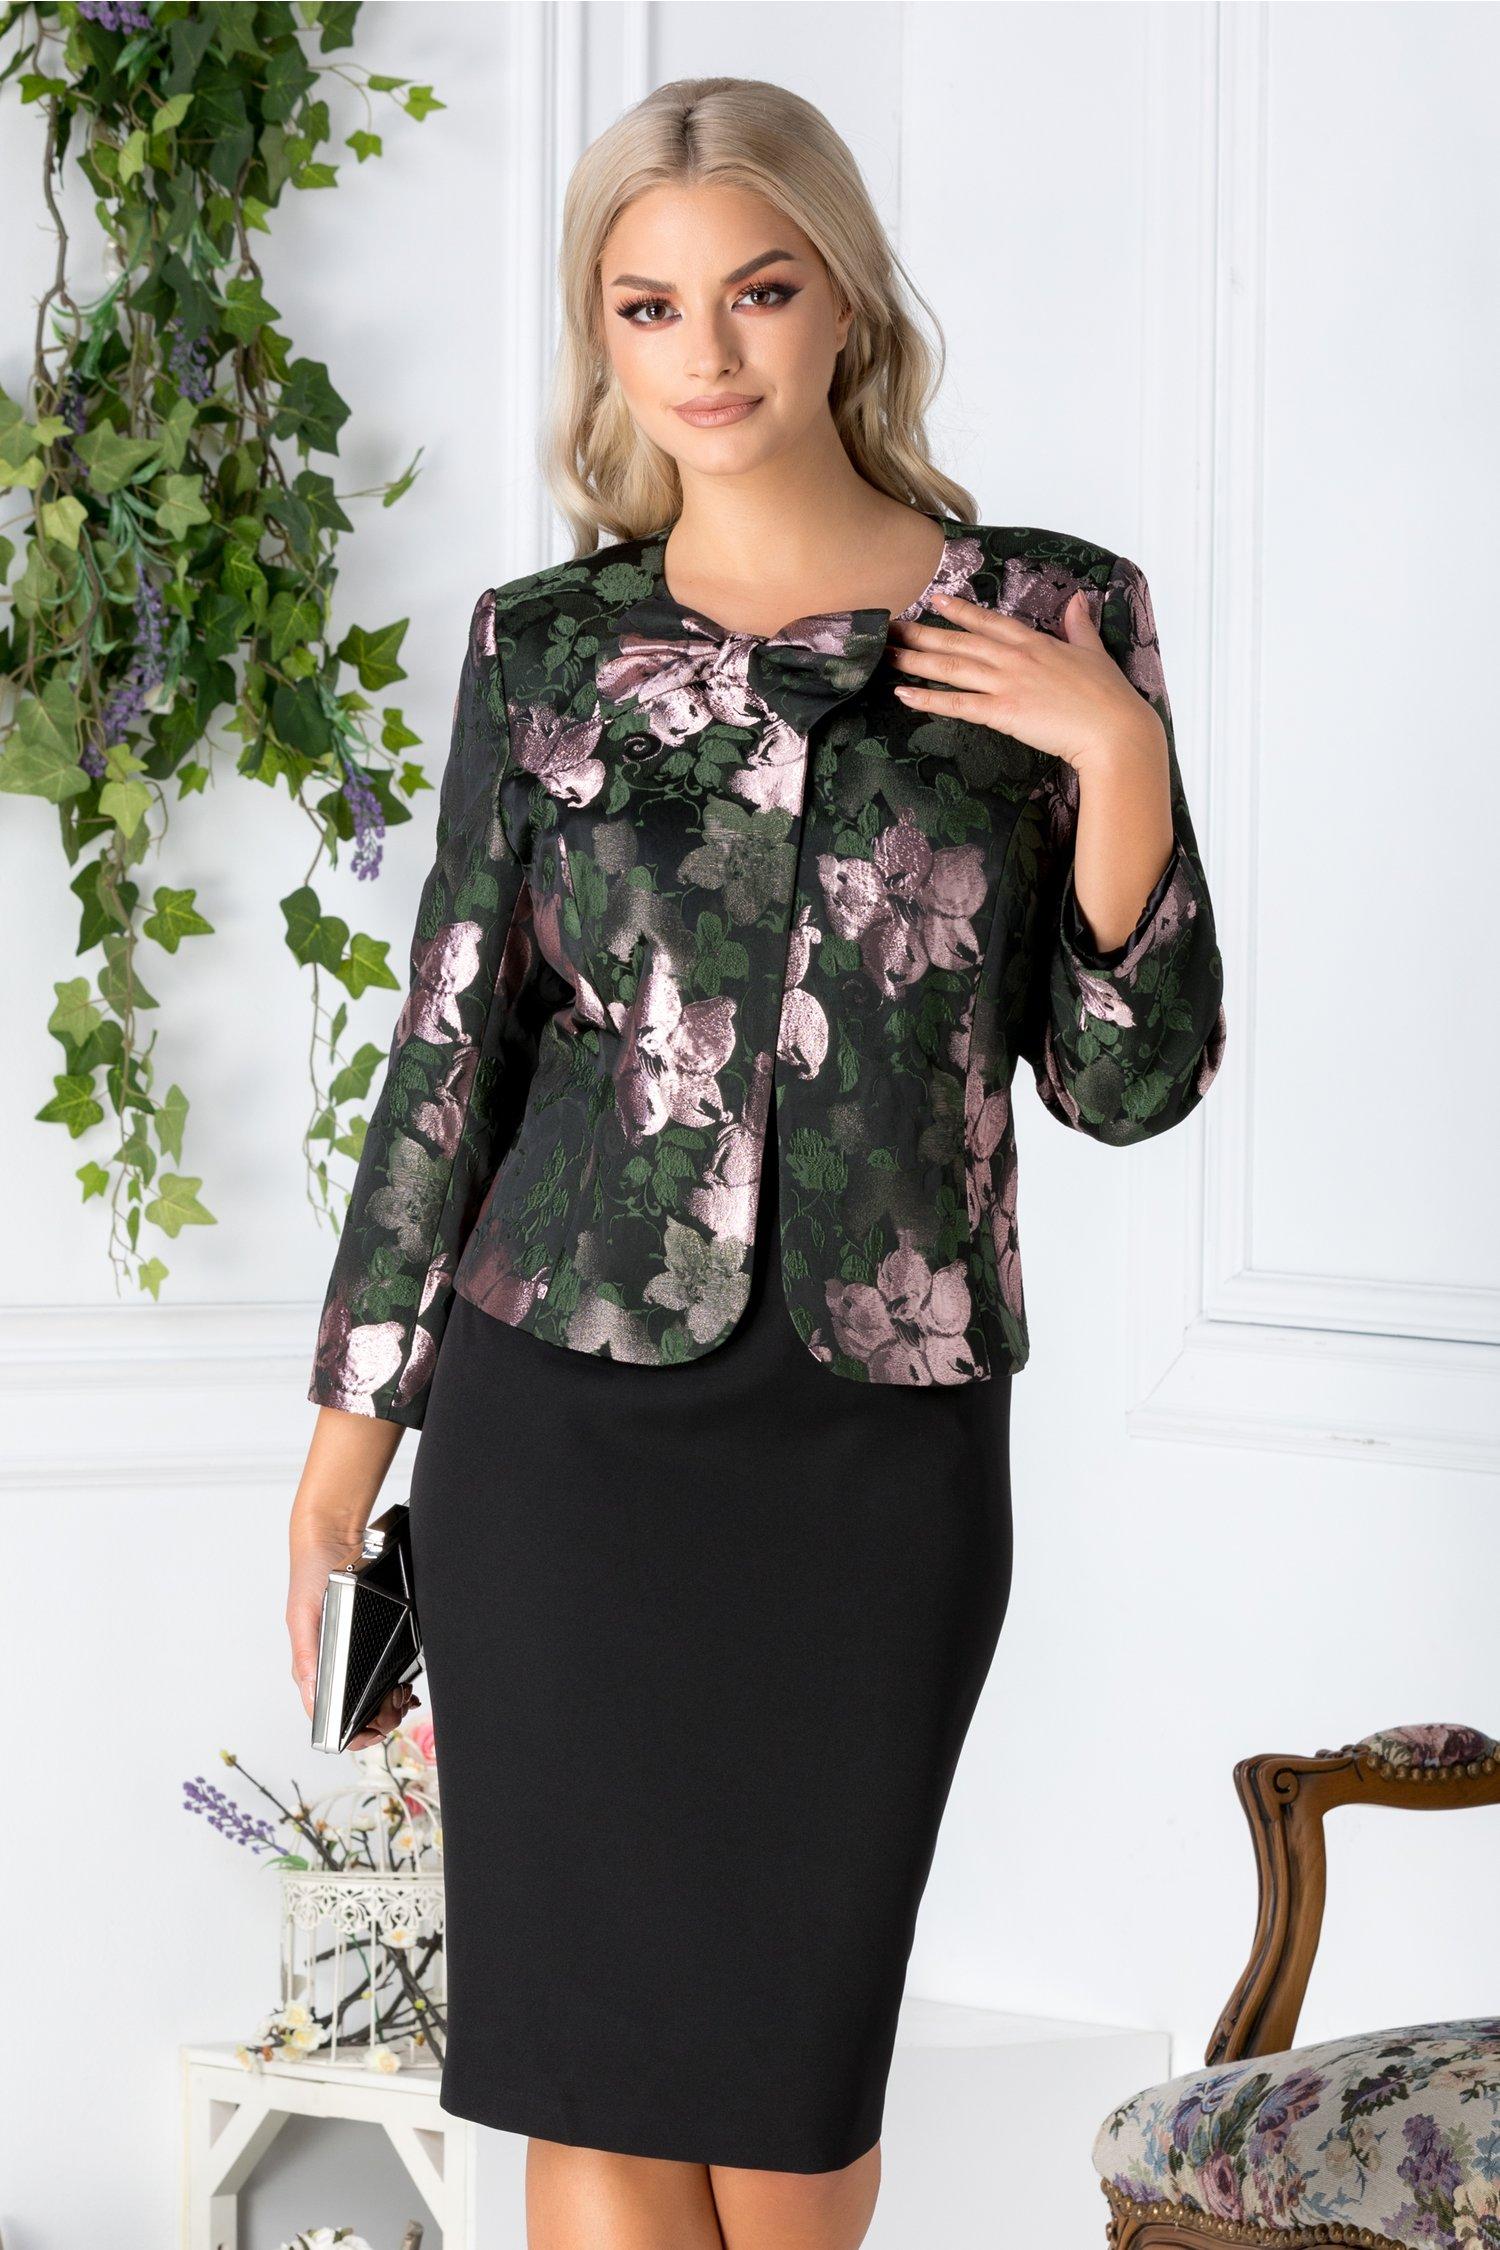 Compleu Deny cu rochie neagra si sacou cu imprimeu roz